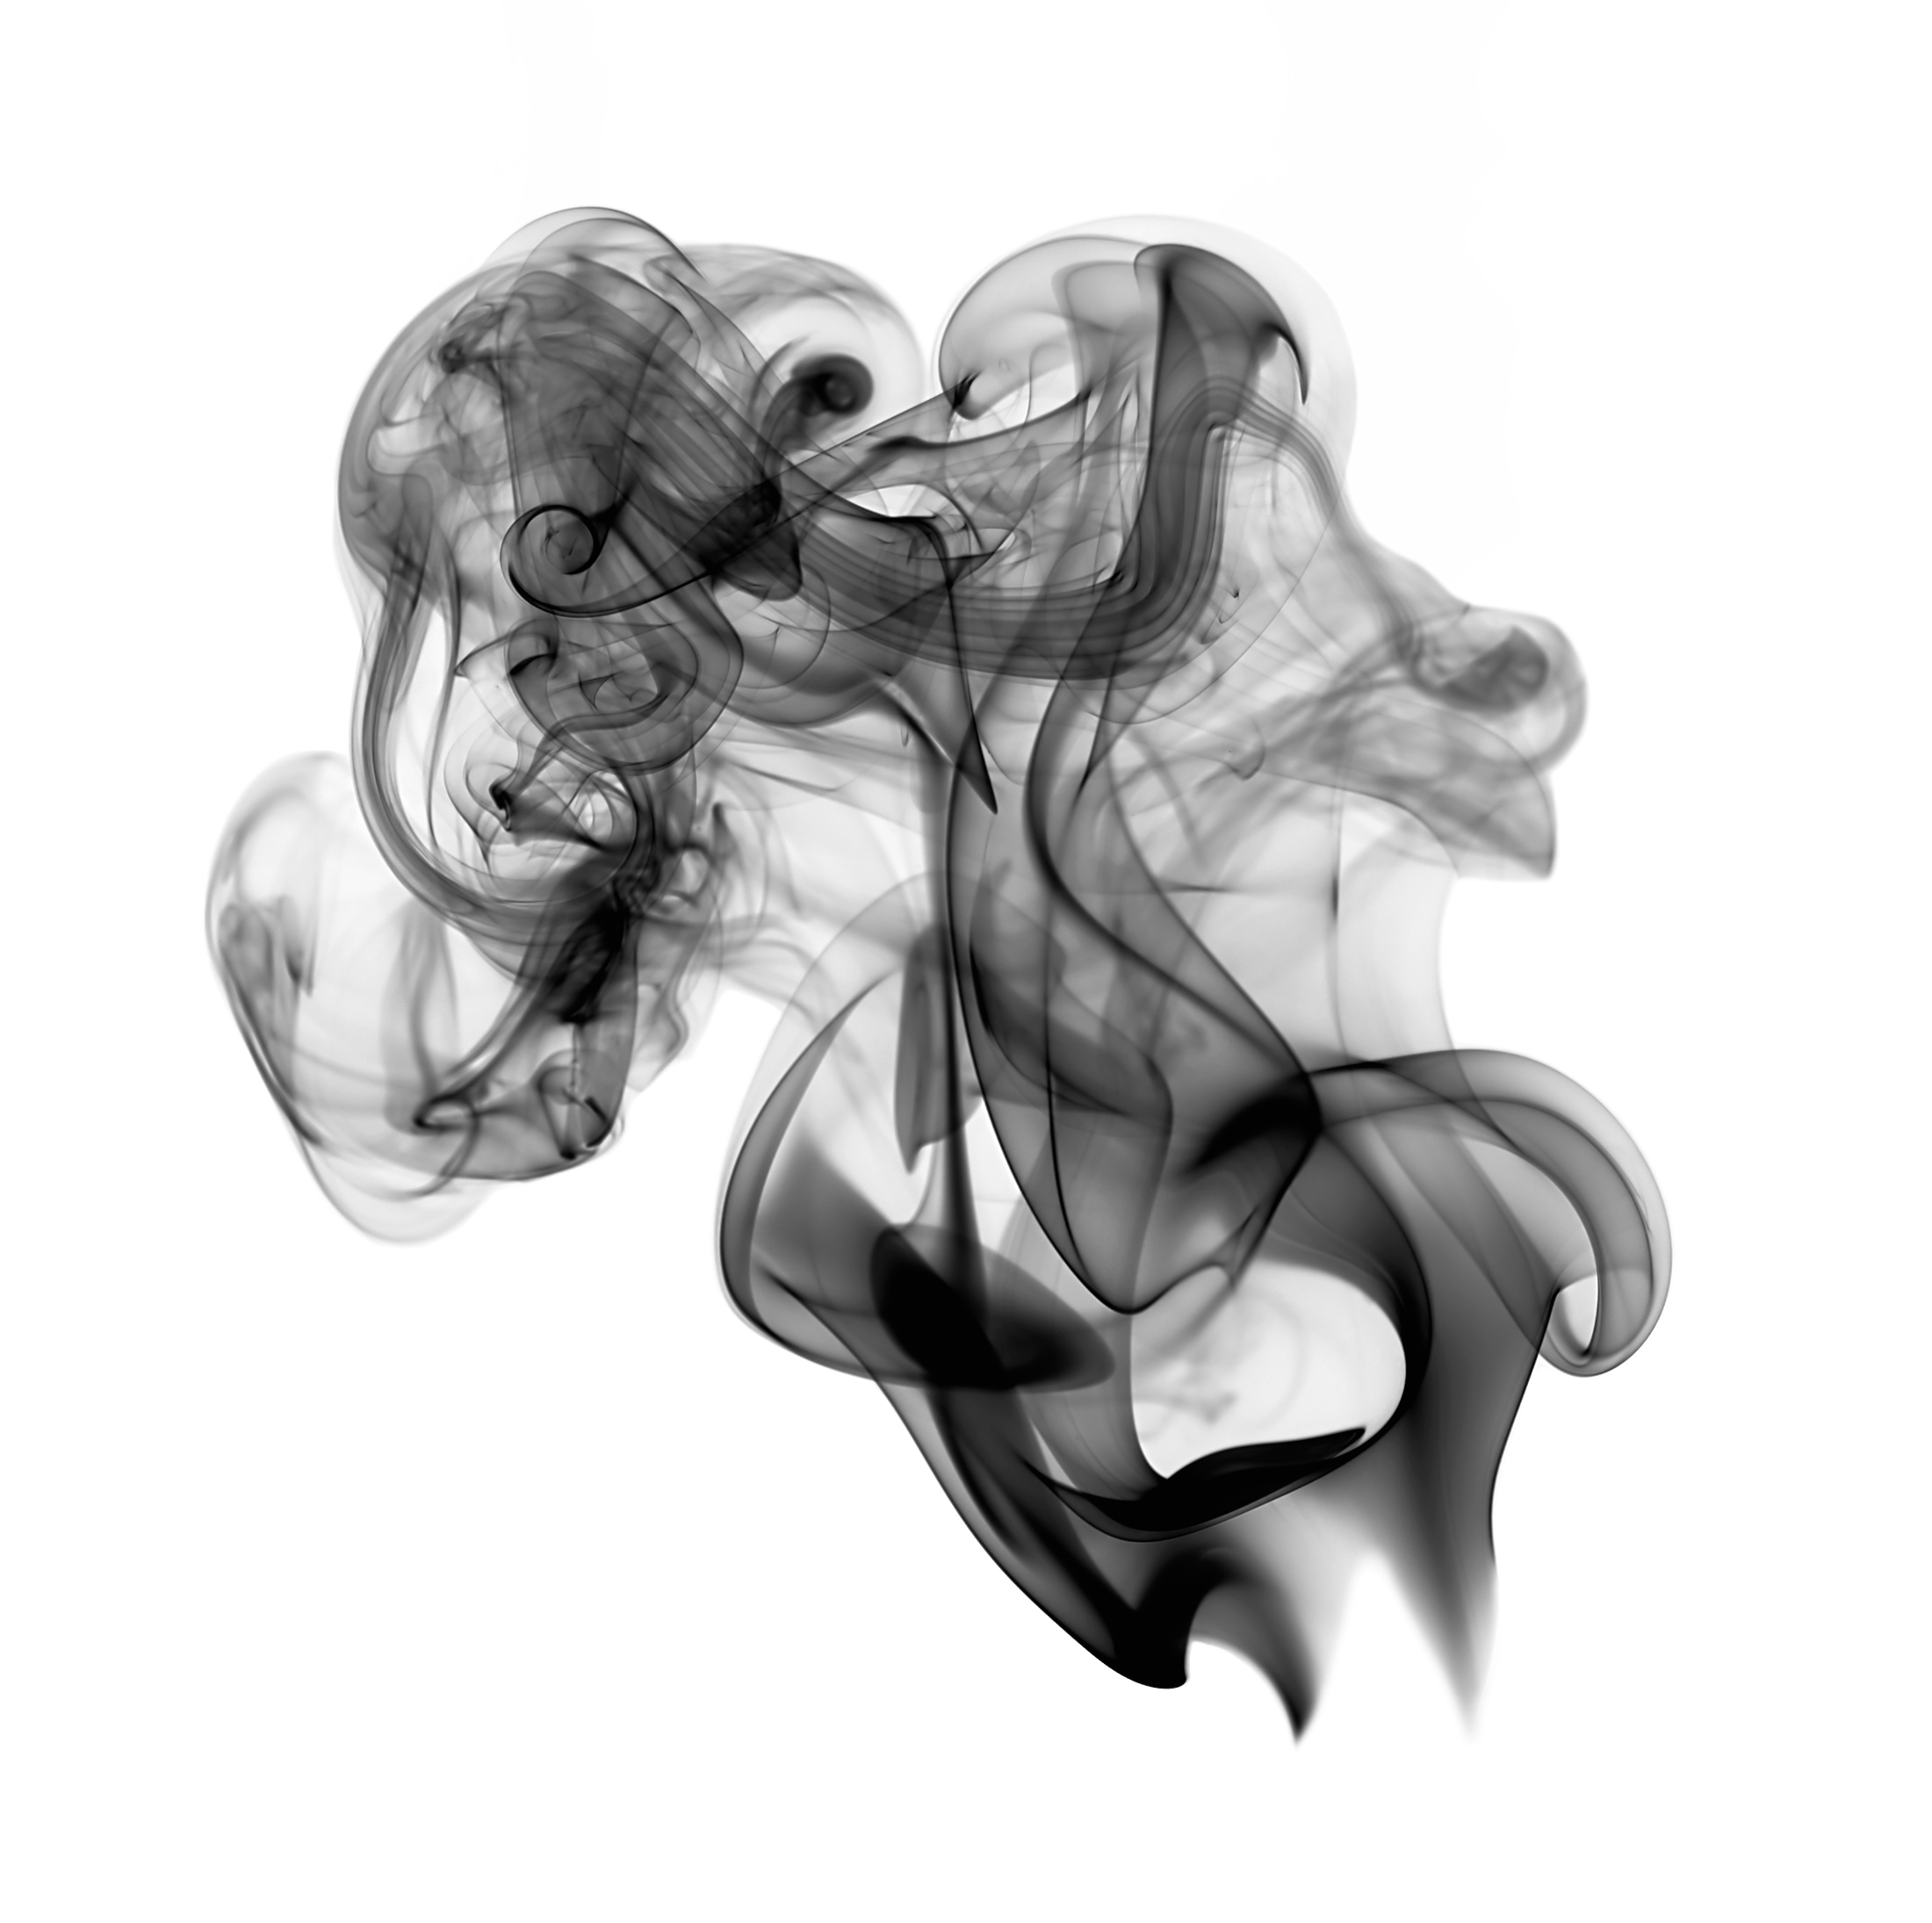 Black Smoke PNG Image